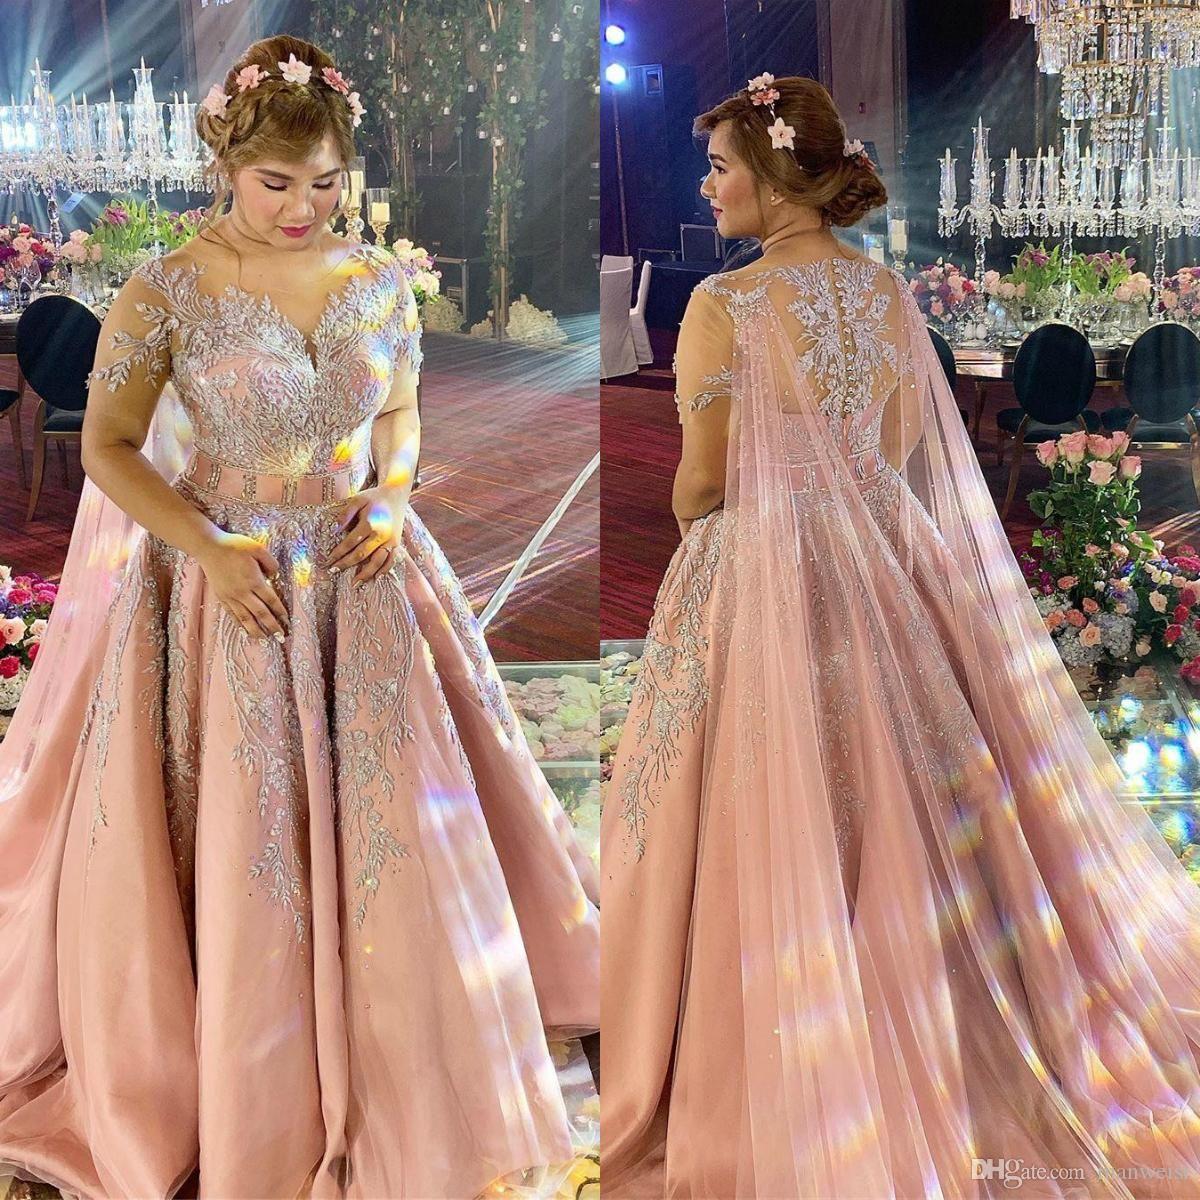 2020 manica corta arabo pizzo Prom Dresses Con Wrap Rosa di Applique in rilievo sera convenzionale Gowns robe de soiree